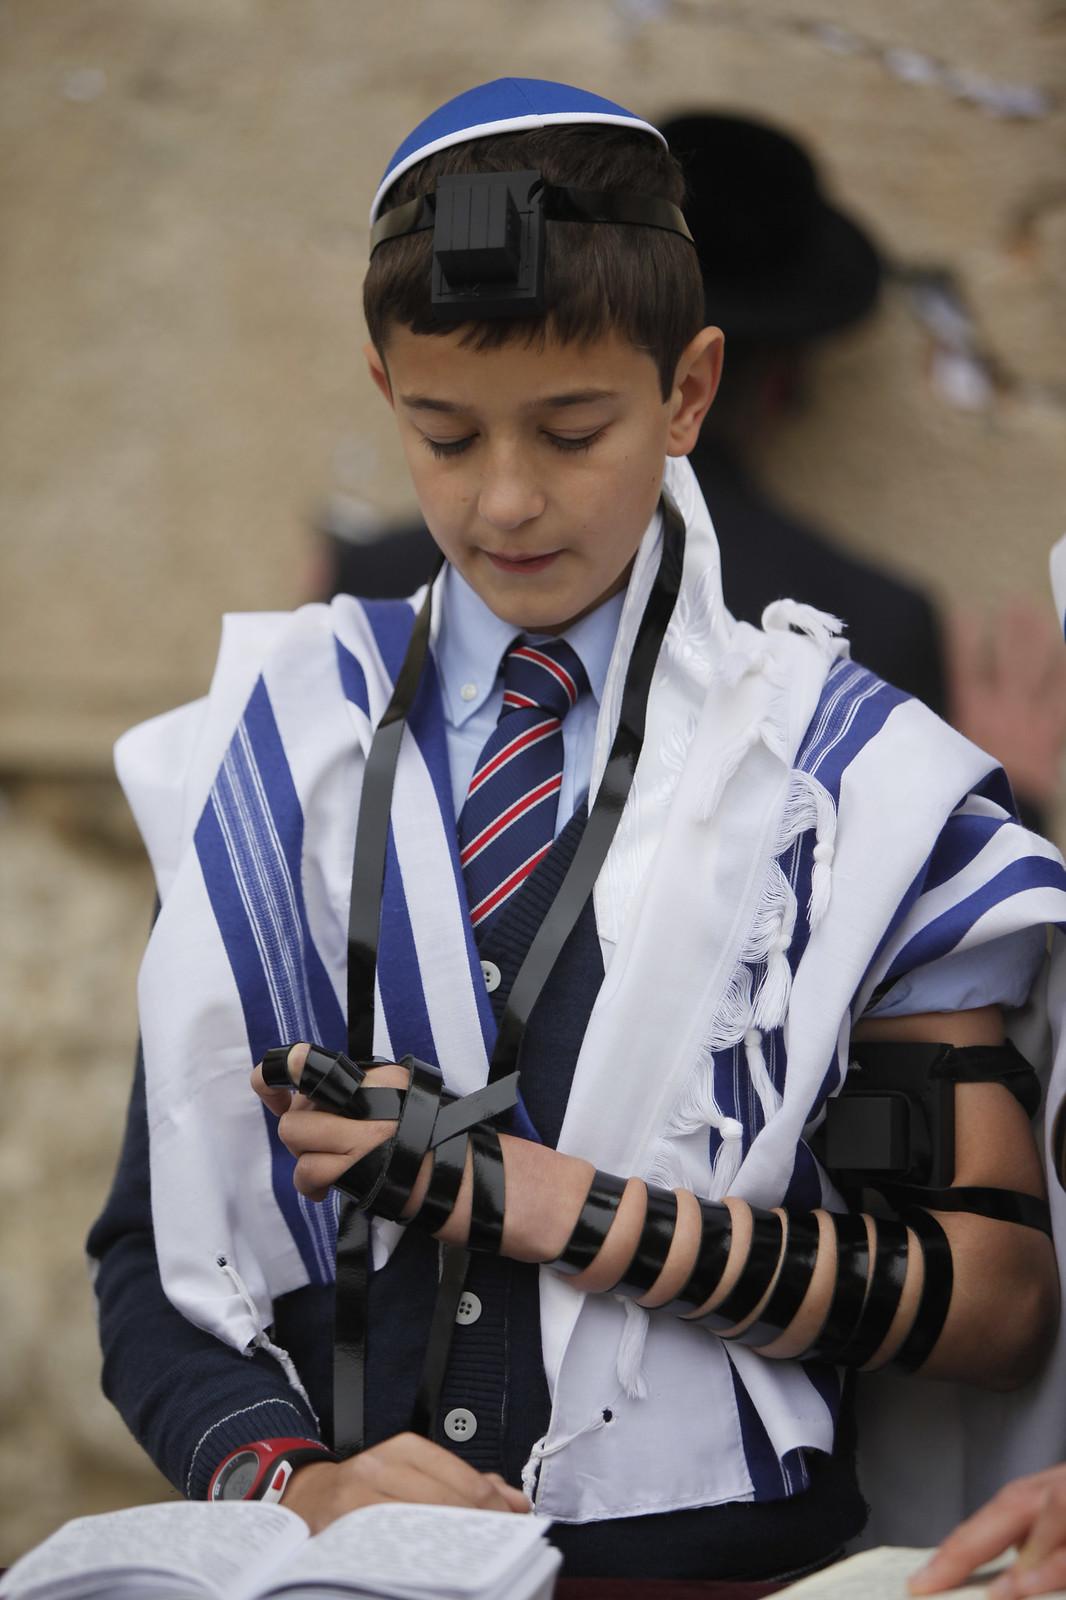 Bar Mitzvah 12_Jerusalem_9652_Yonatan Sindel_Flash 90_IMOT